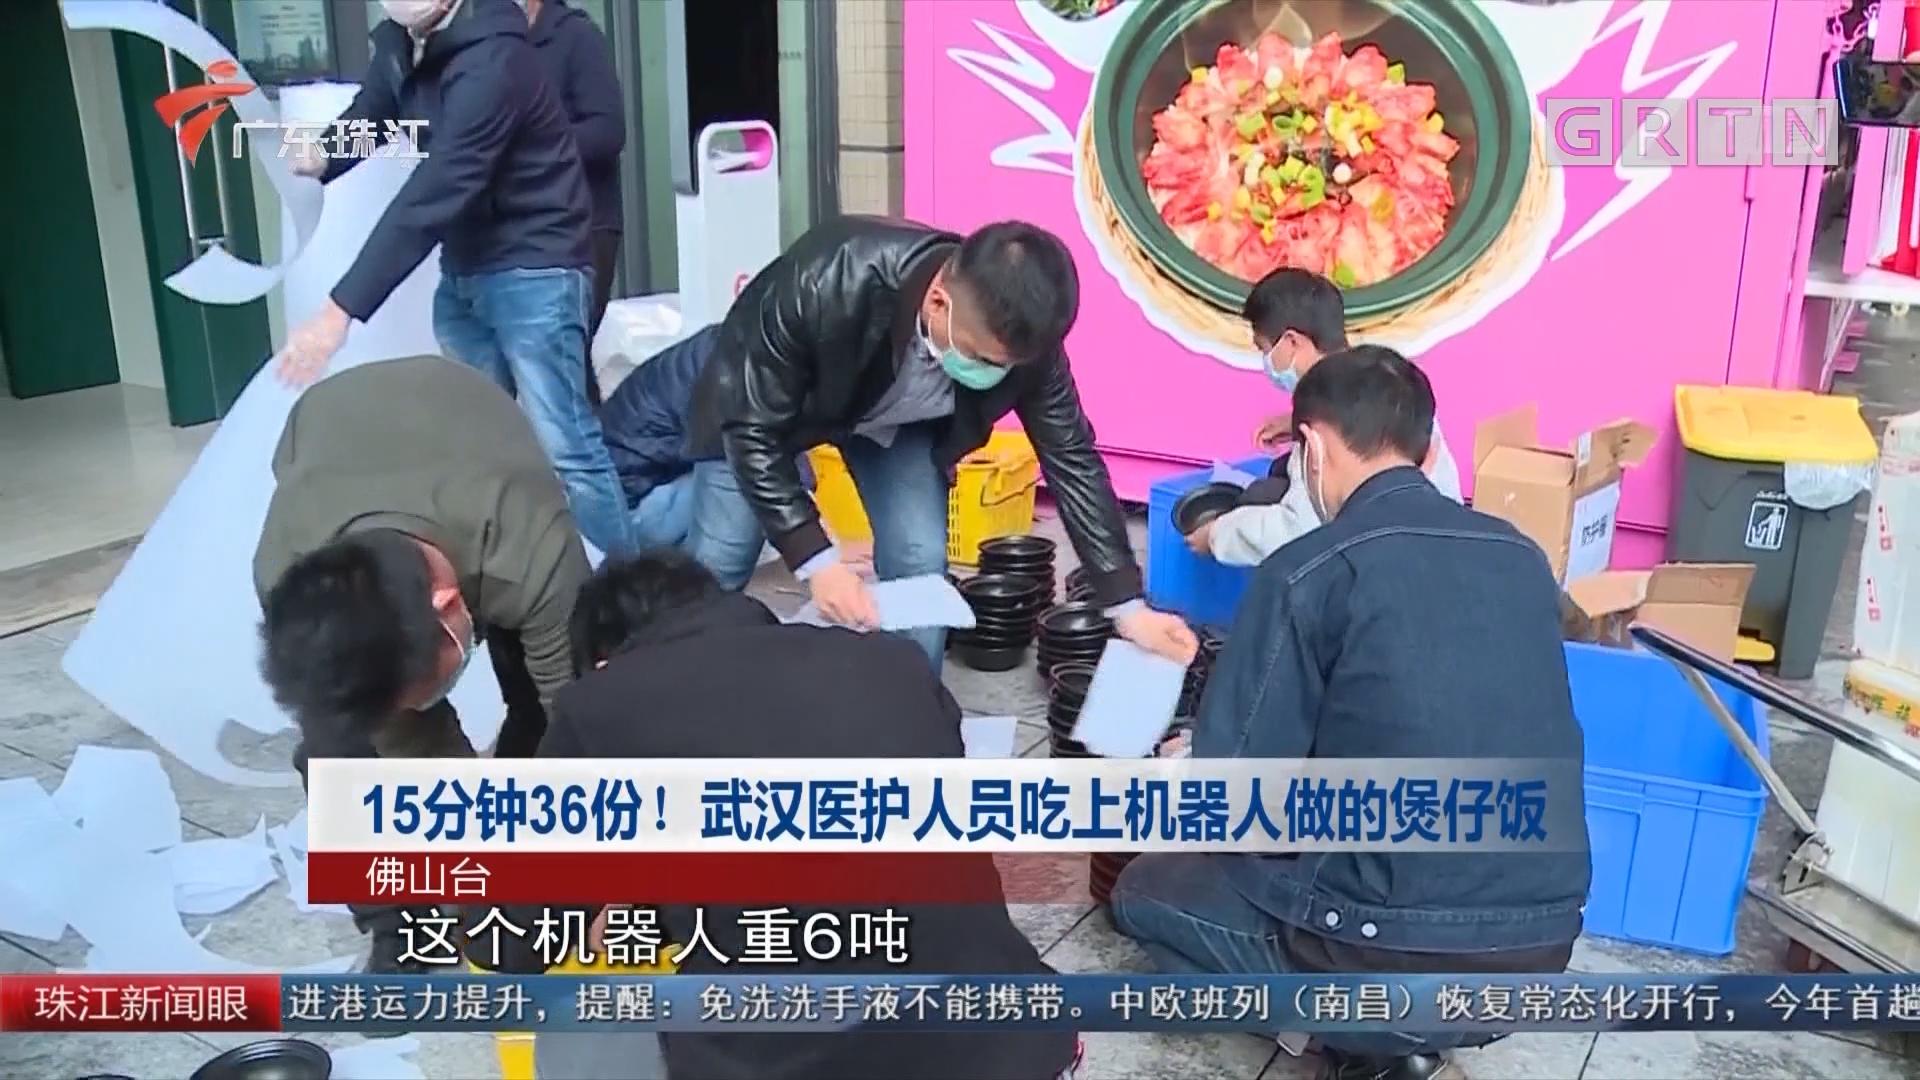 15分钟36份! 武汉医护人员吃上机器人做的煲仔饭